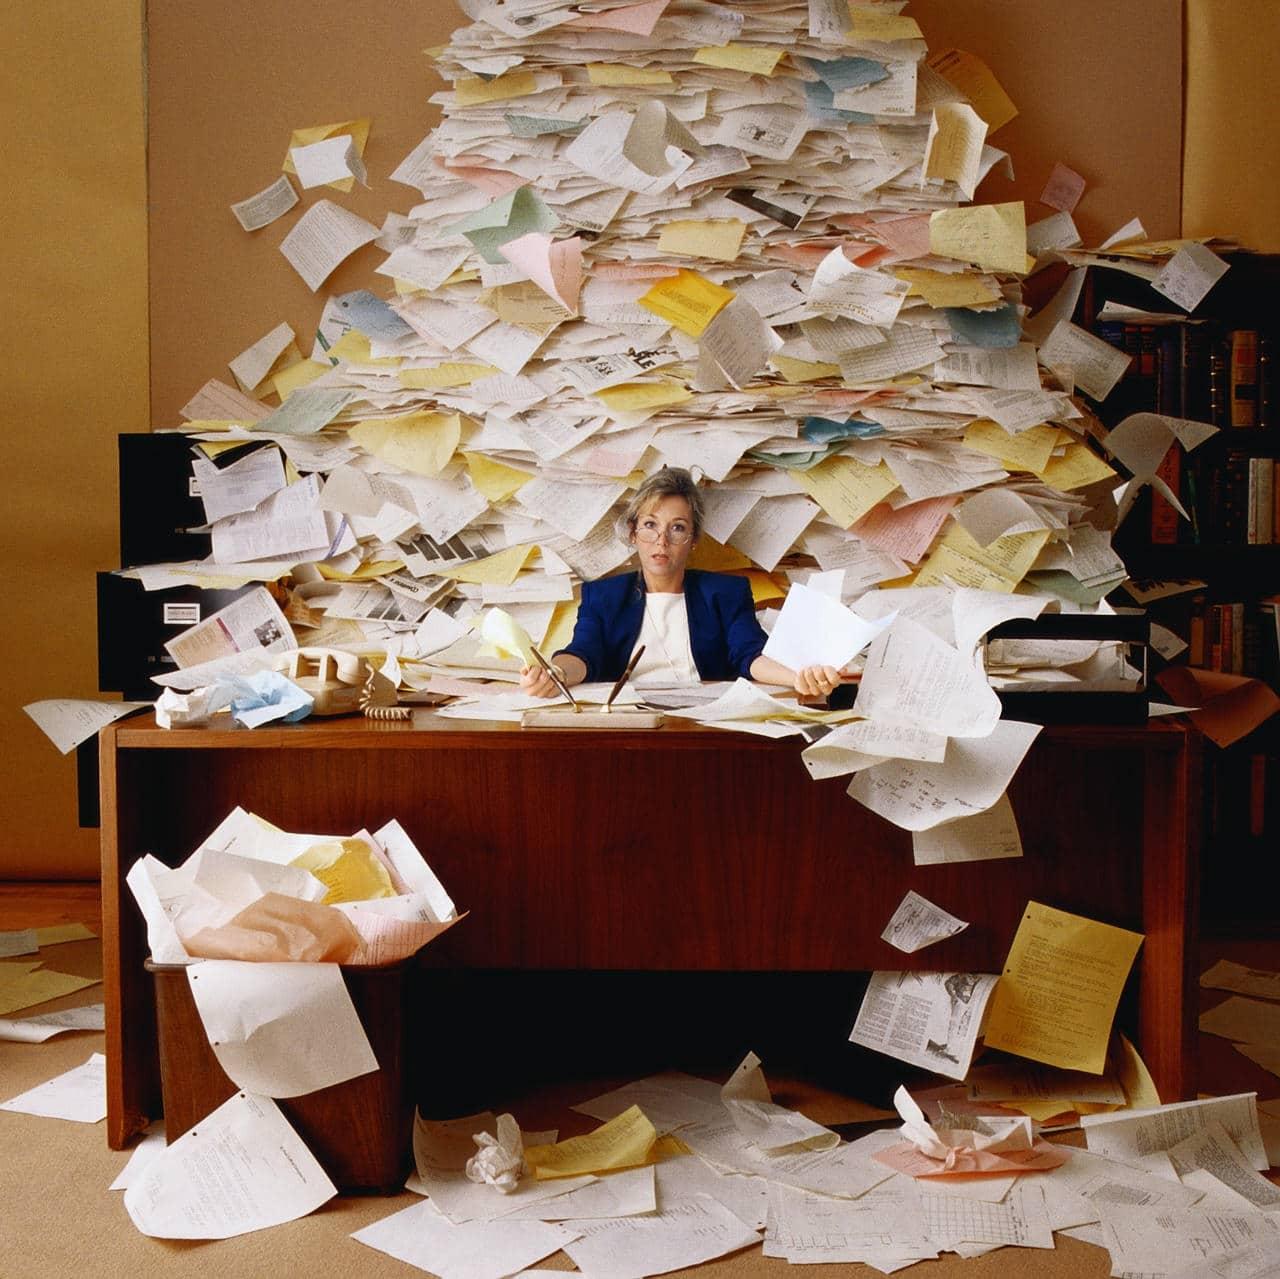 Procedimientos de una empresa: Optimizar las tareas